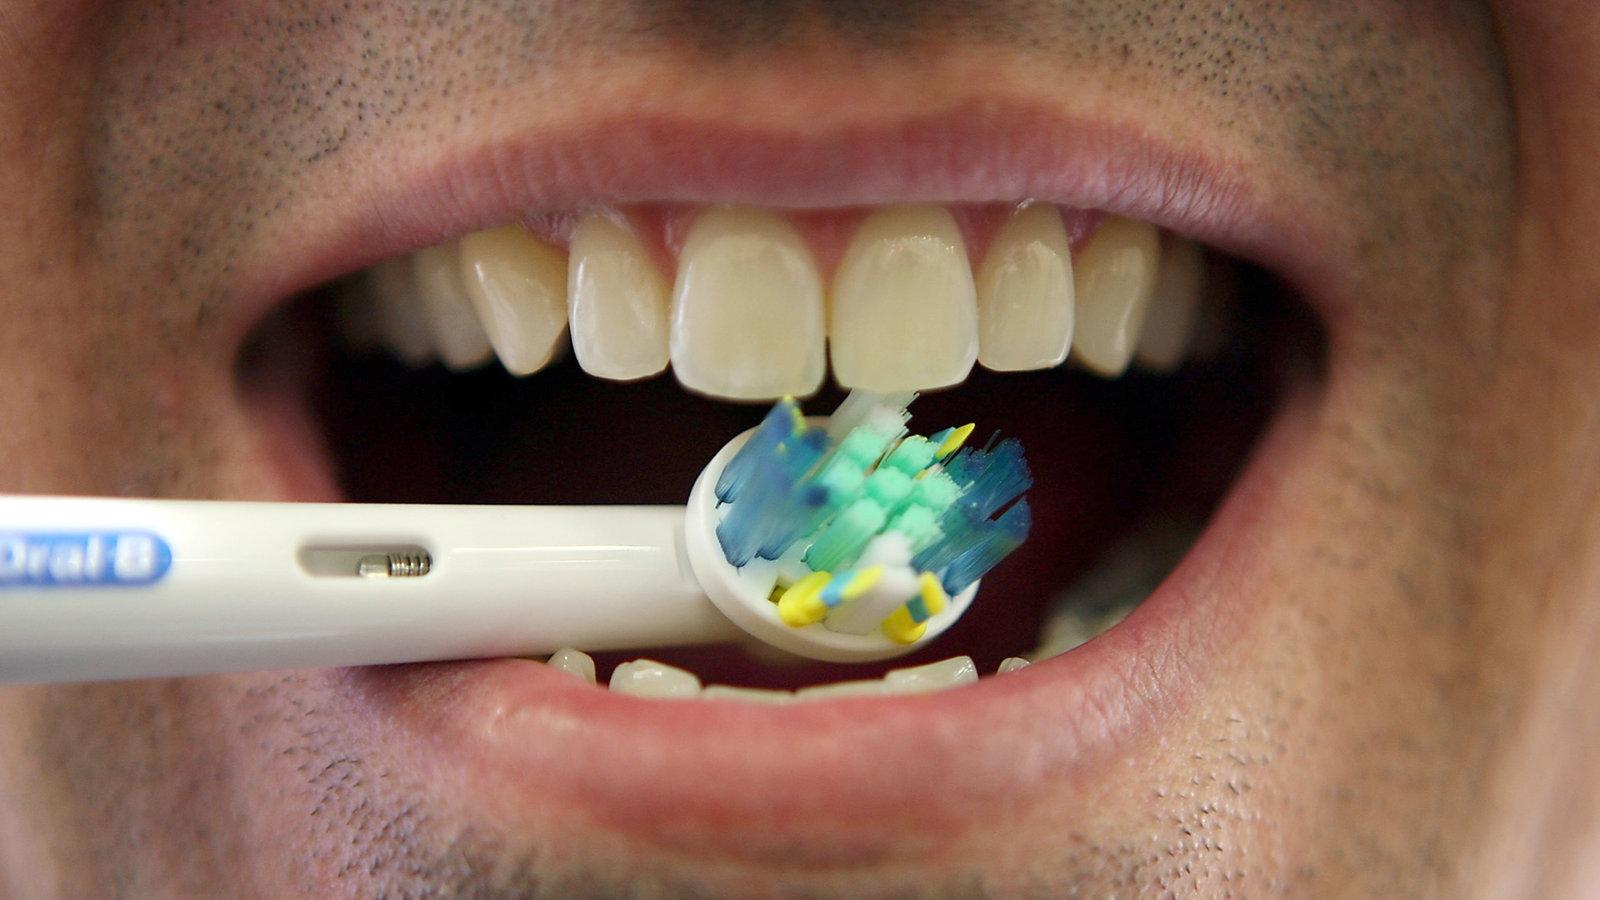 Wie lange muss ich meine Zähne putzen? - WDR 5 Quarks